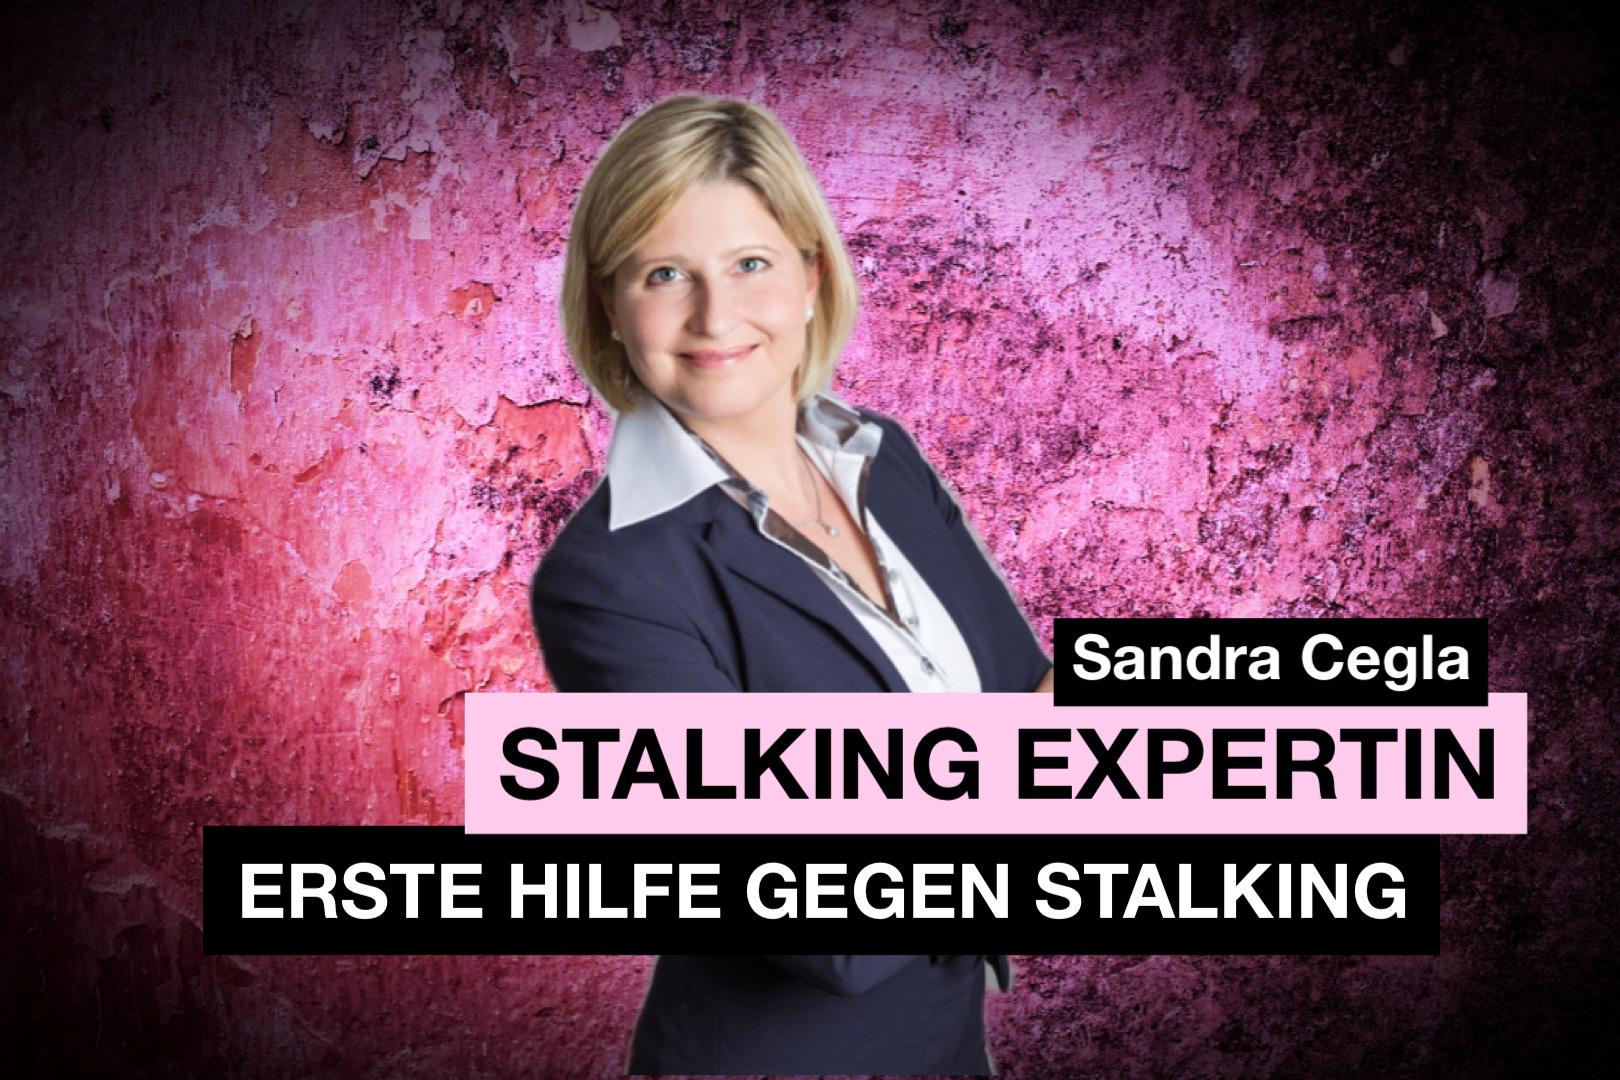 Stalking: Erste-Hilfe-gegen-Stalking